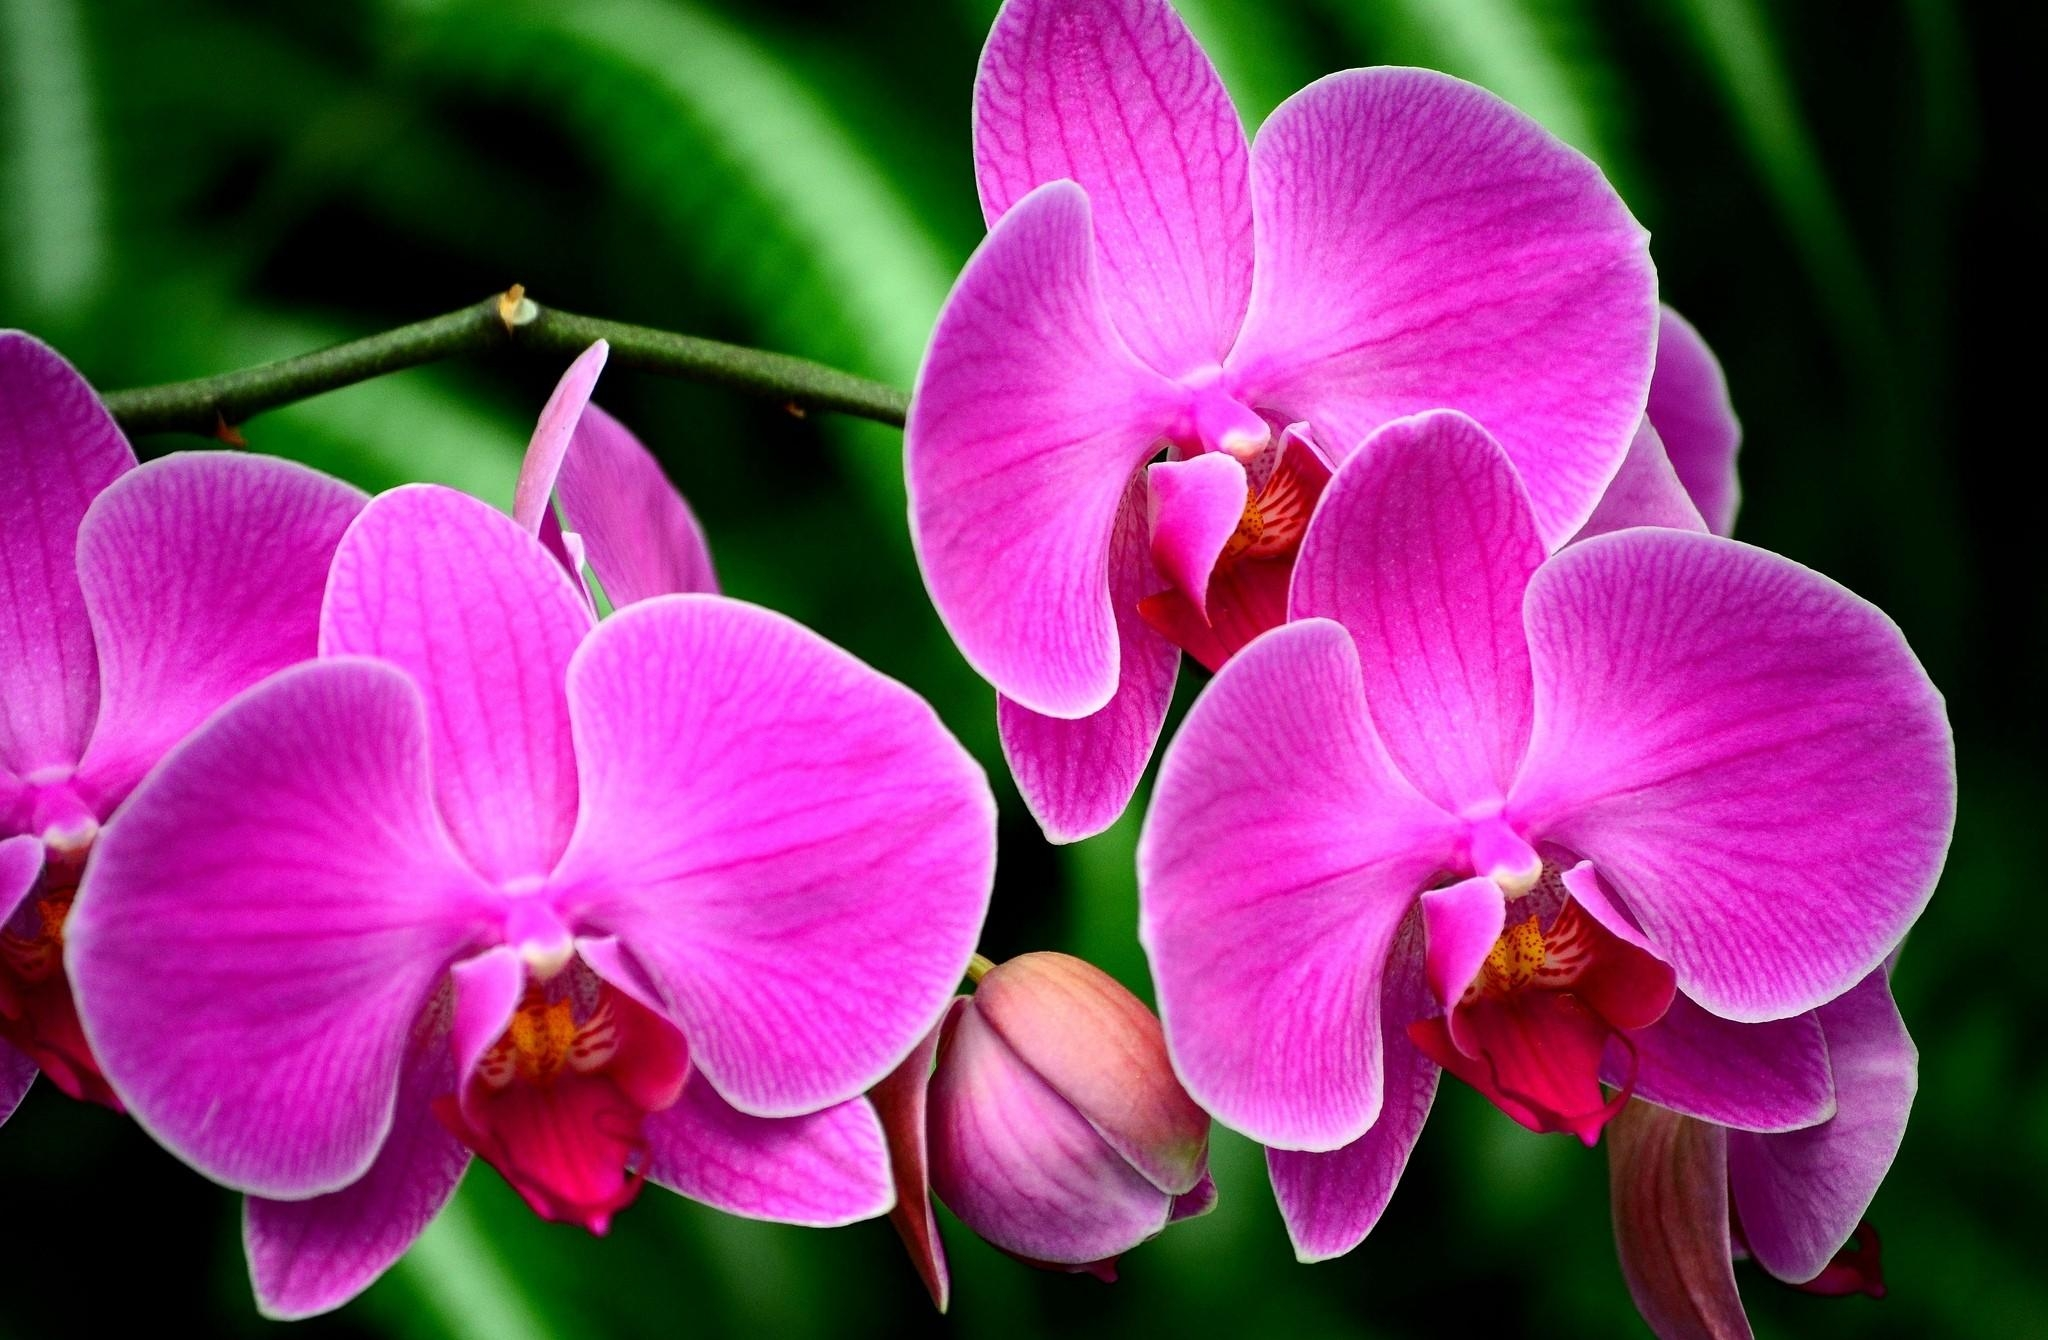 121245 скачать обои Цветы, Орхидея, Цветок, Ветка, Экзотика - заставки и картинки бесплатно